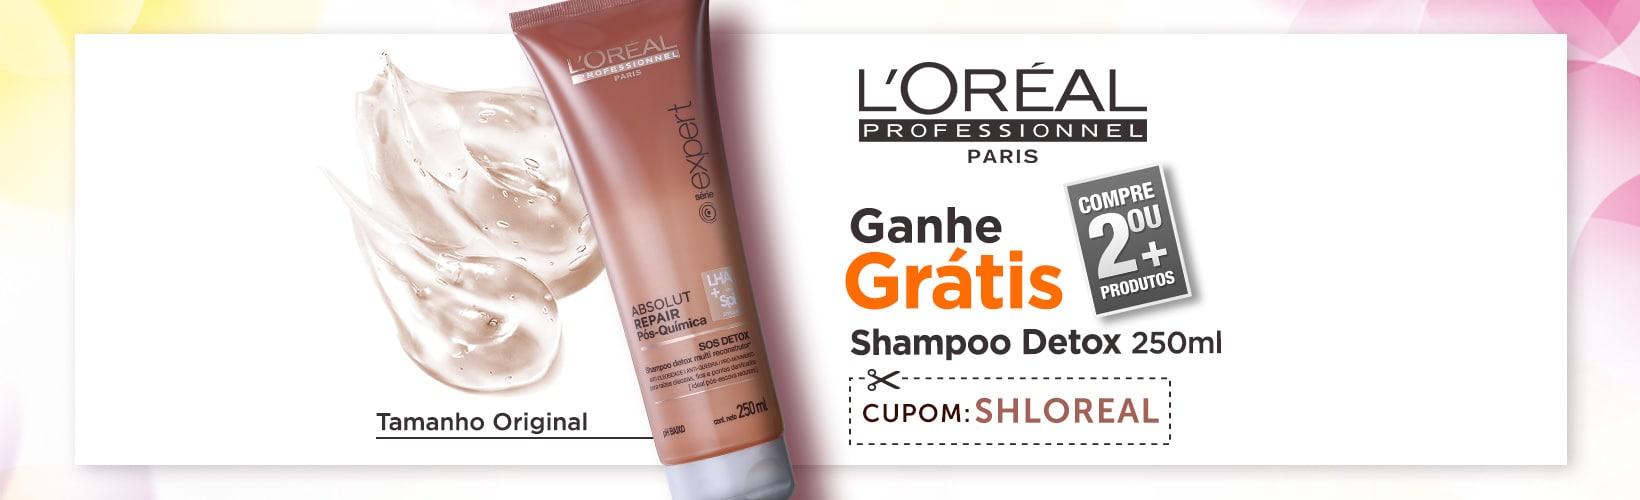 Compre 2 ou + Produtos L'Oréal e Ganhe Shampoo Detox 250ml